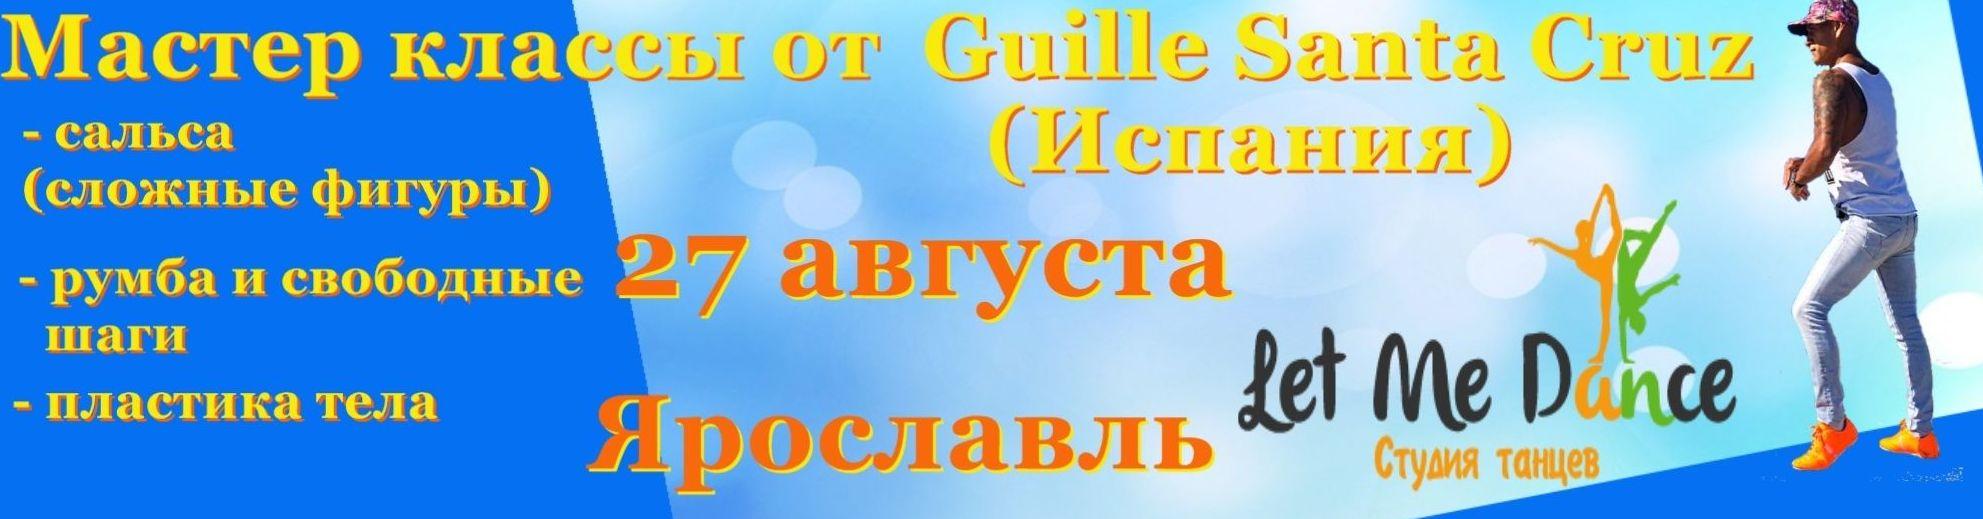 Мастер класс Сальса Кубана в России, Ярославль